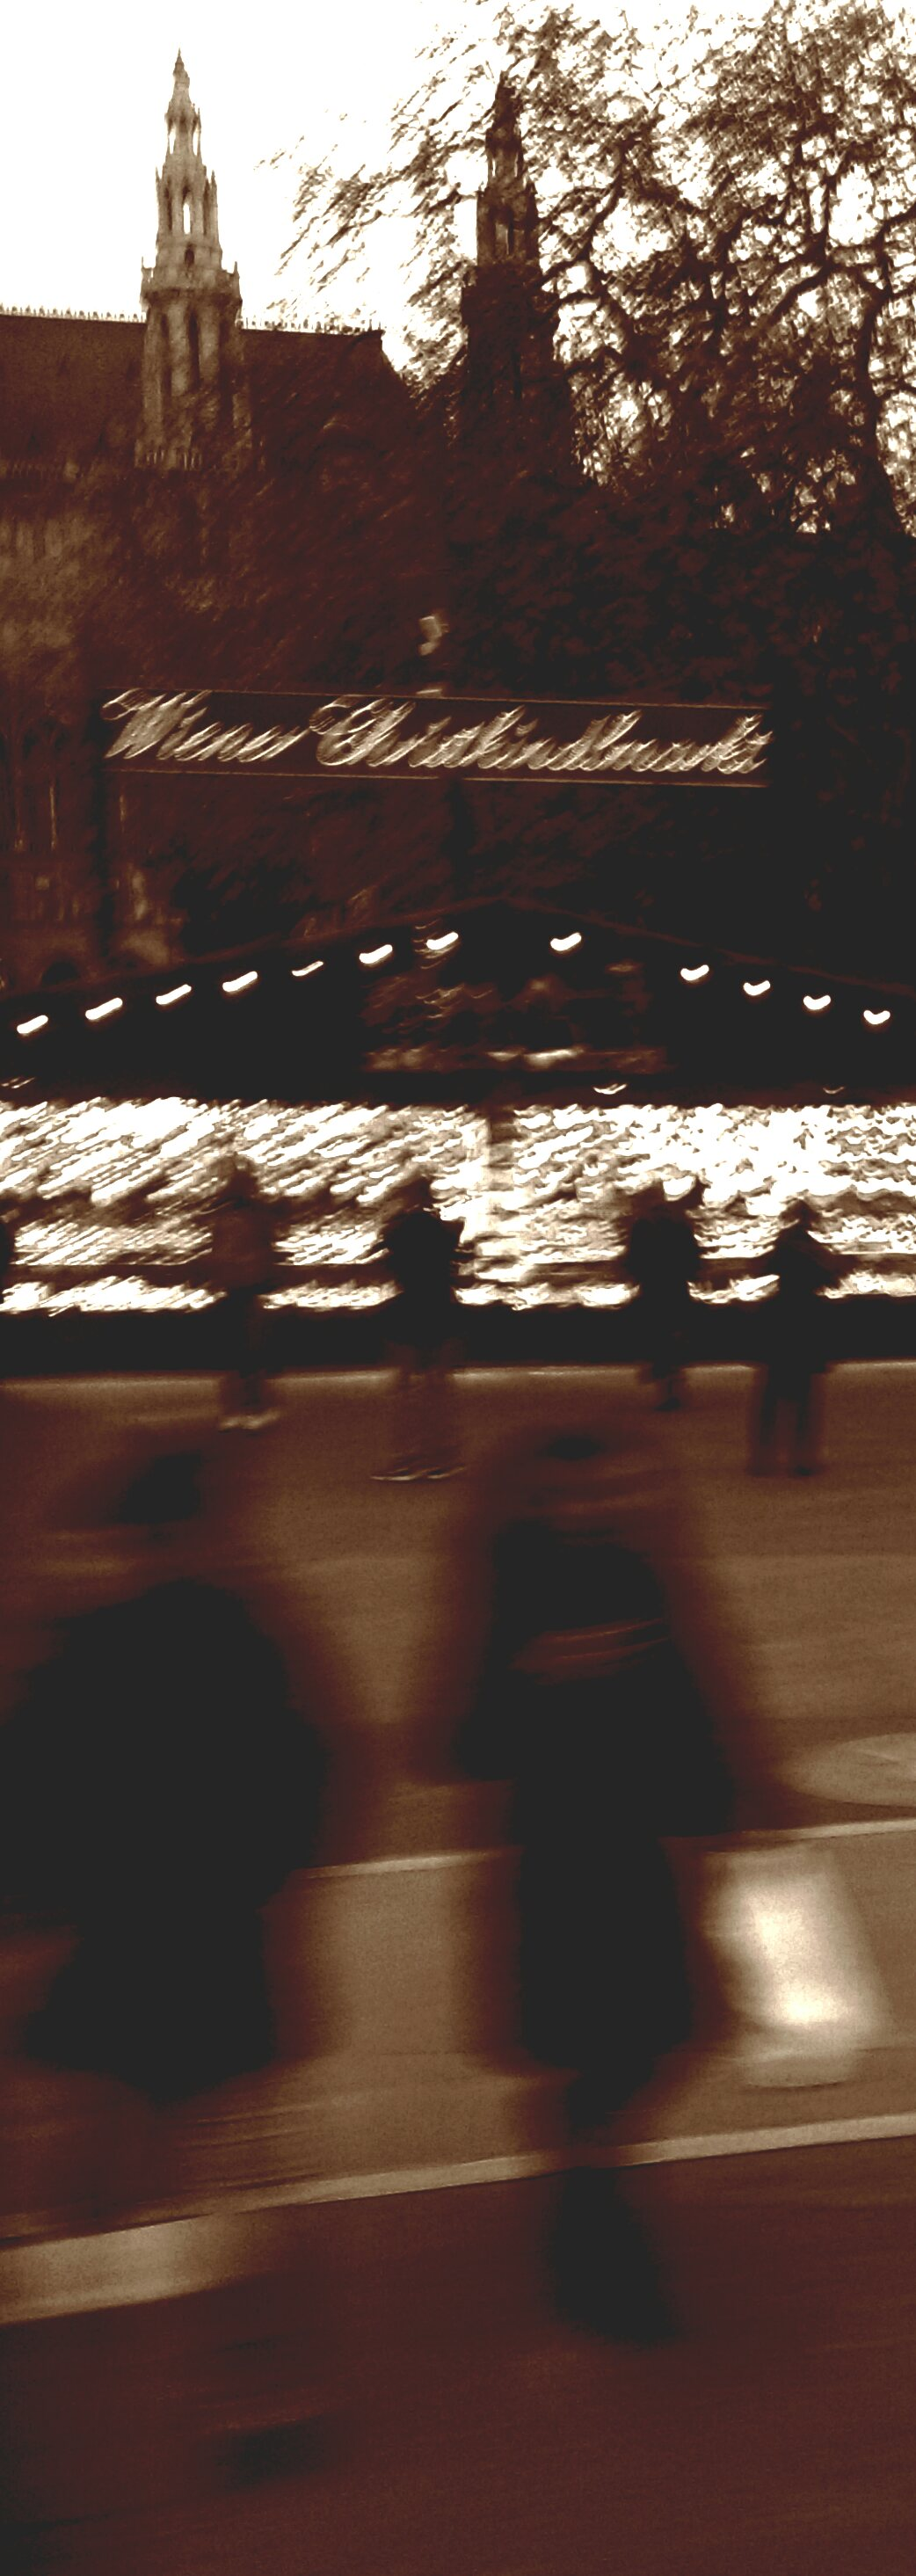 Erdmöbel Weihnachten.Das Erste Lichtlein Erdmöbel Rula Loucopoulos Weihnachten Im